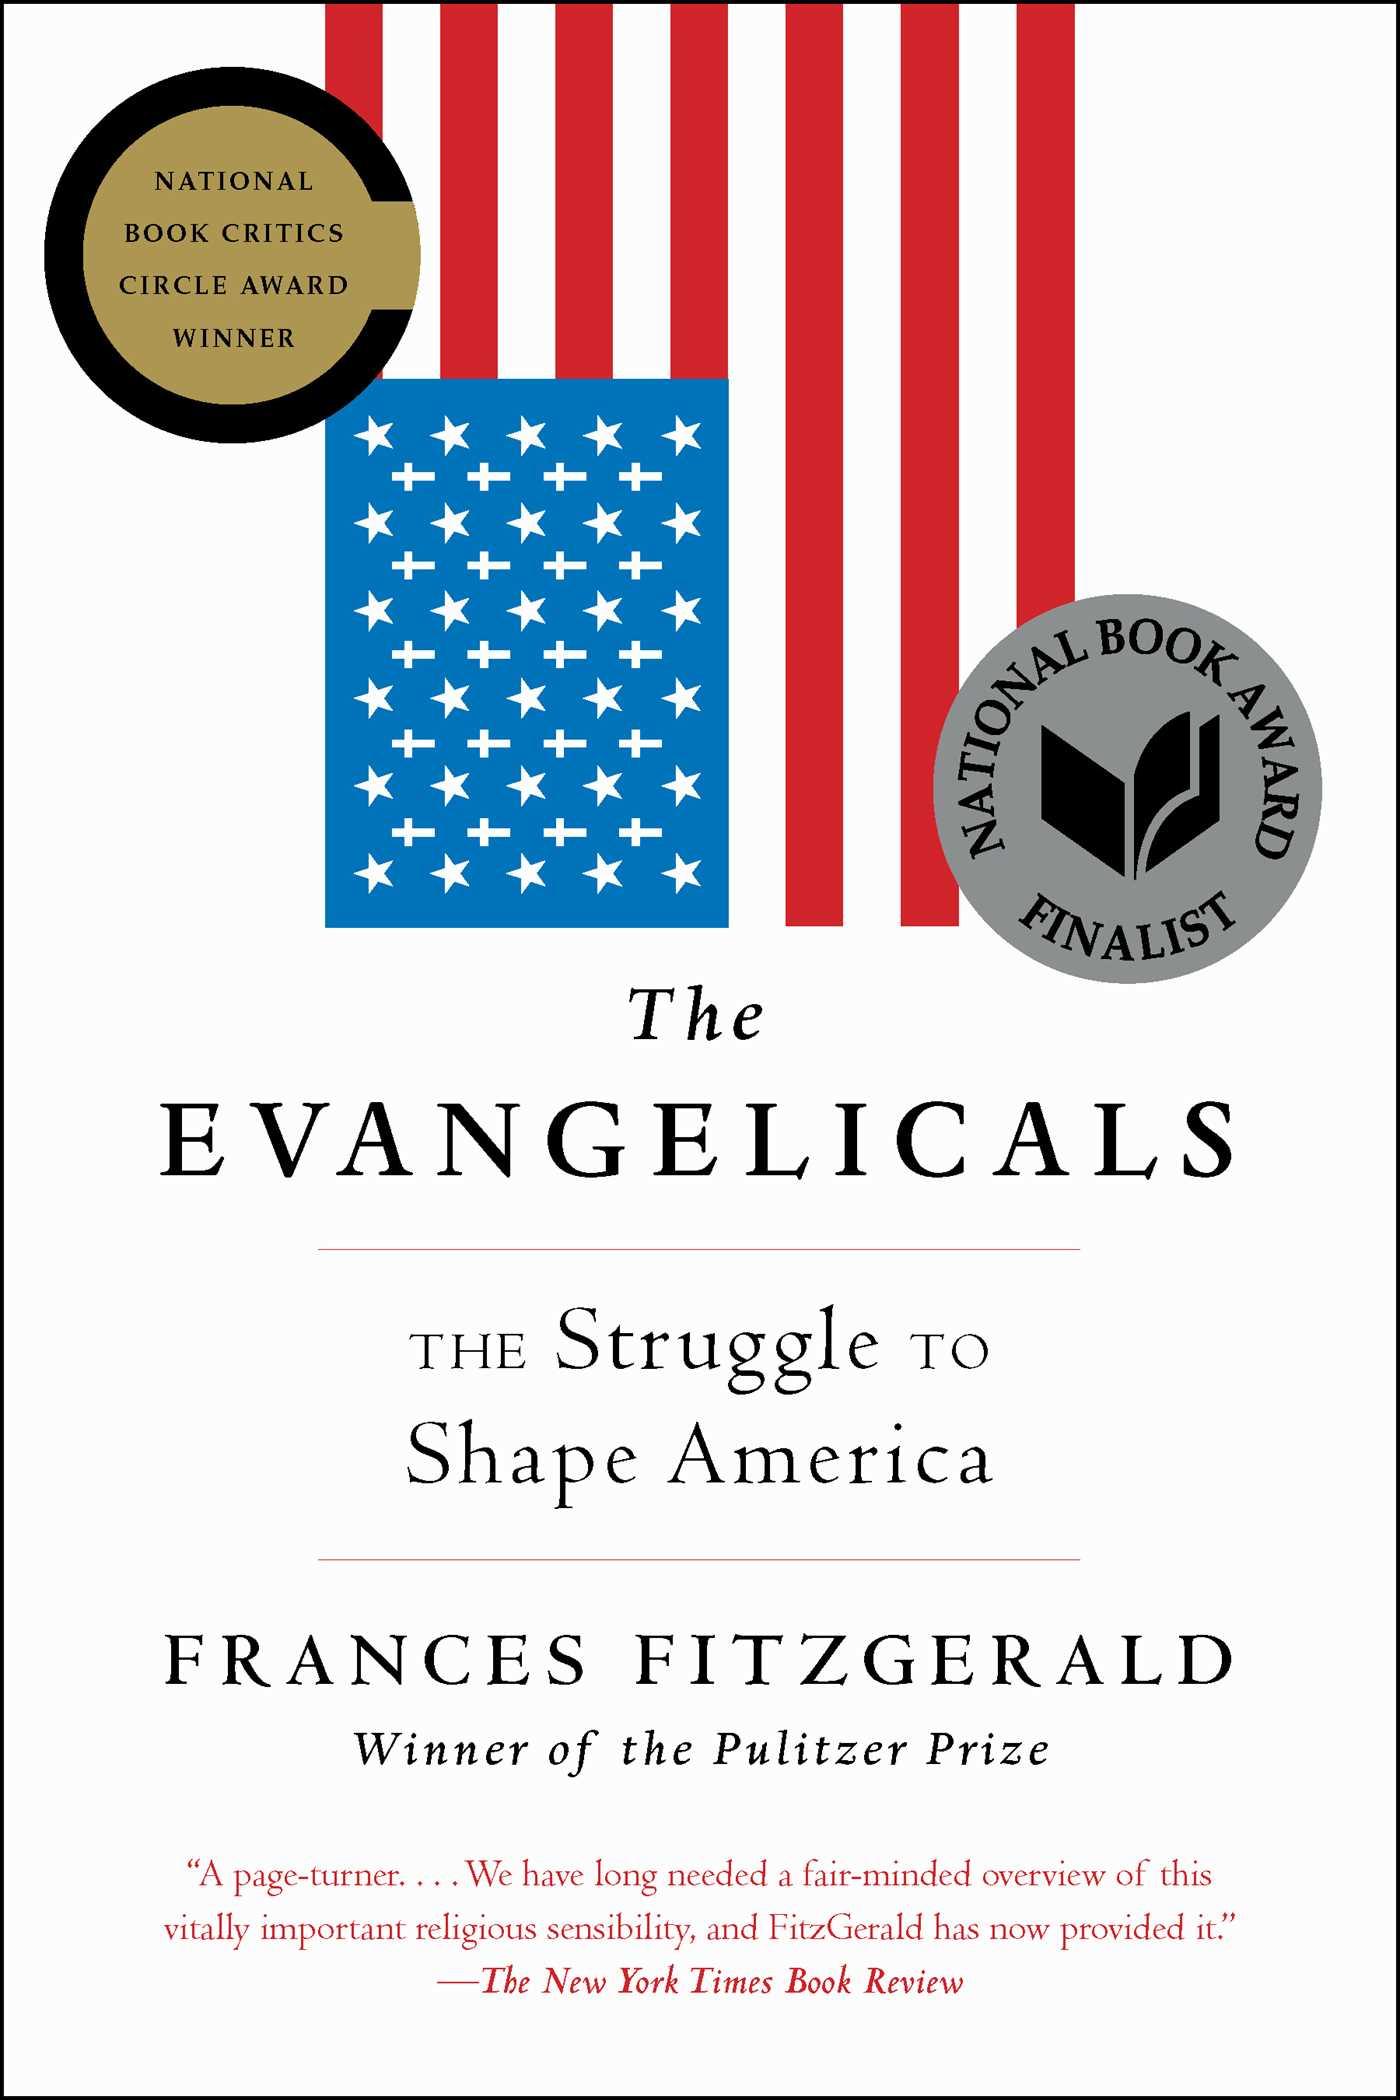 The evangelicals 9781439143155 hr